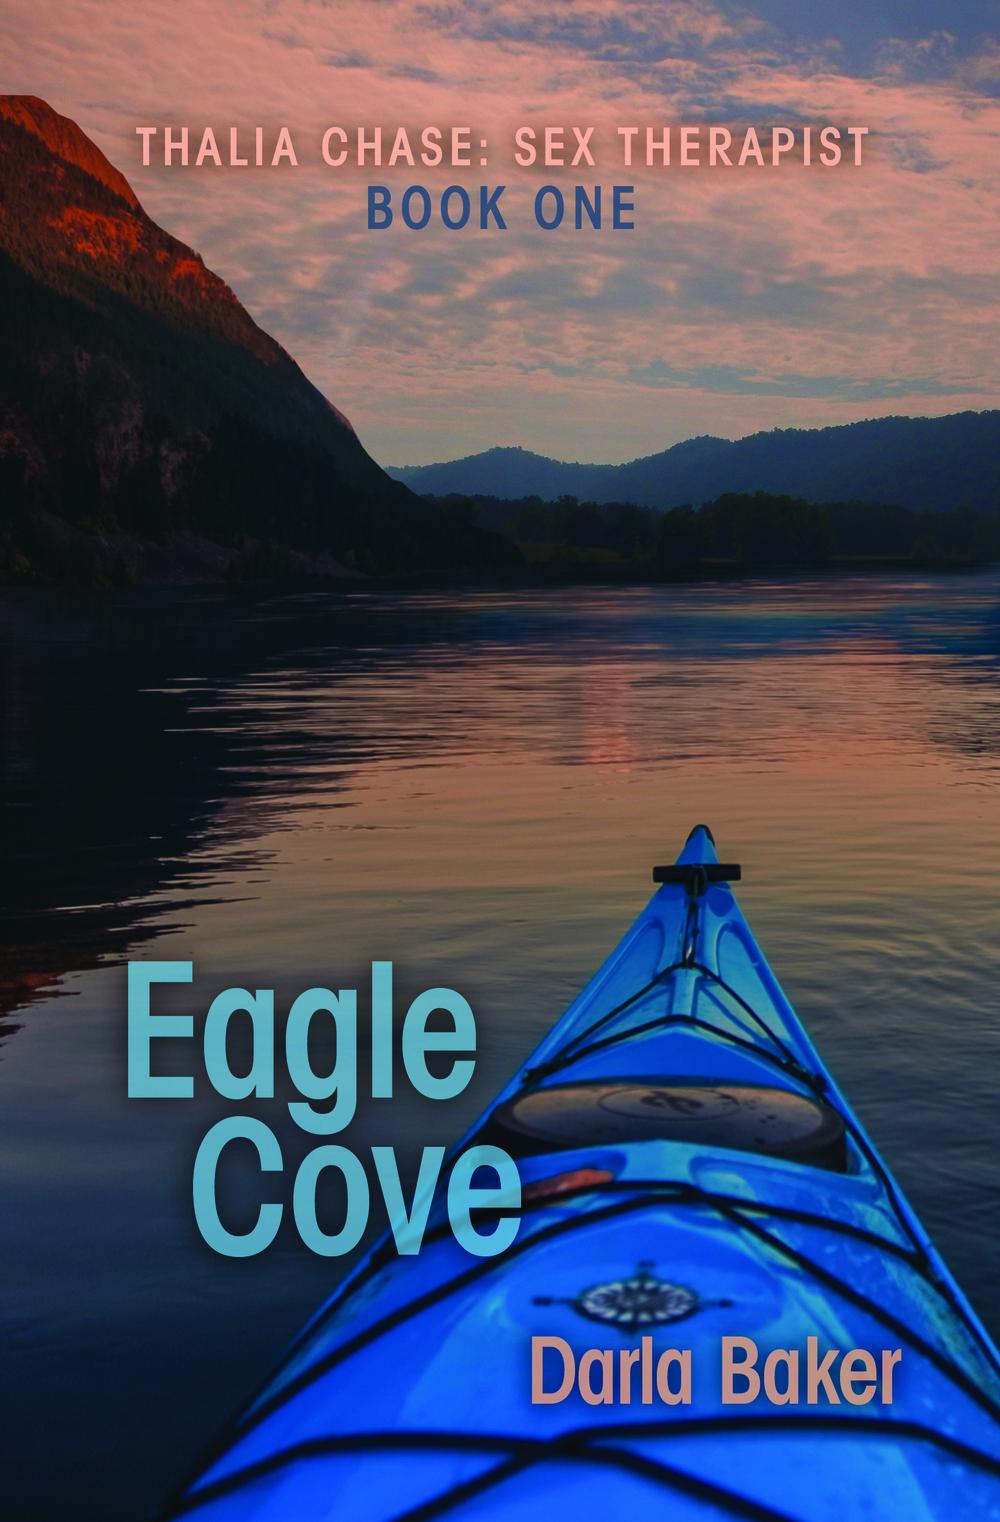 Eagle Cove